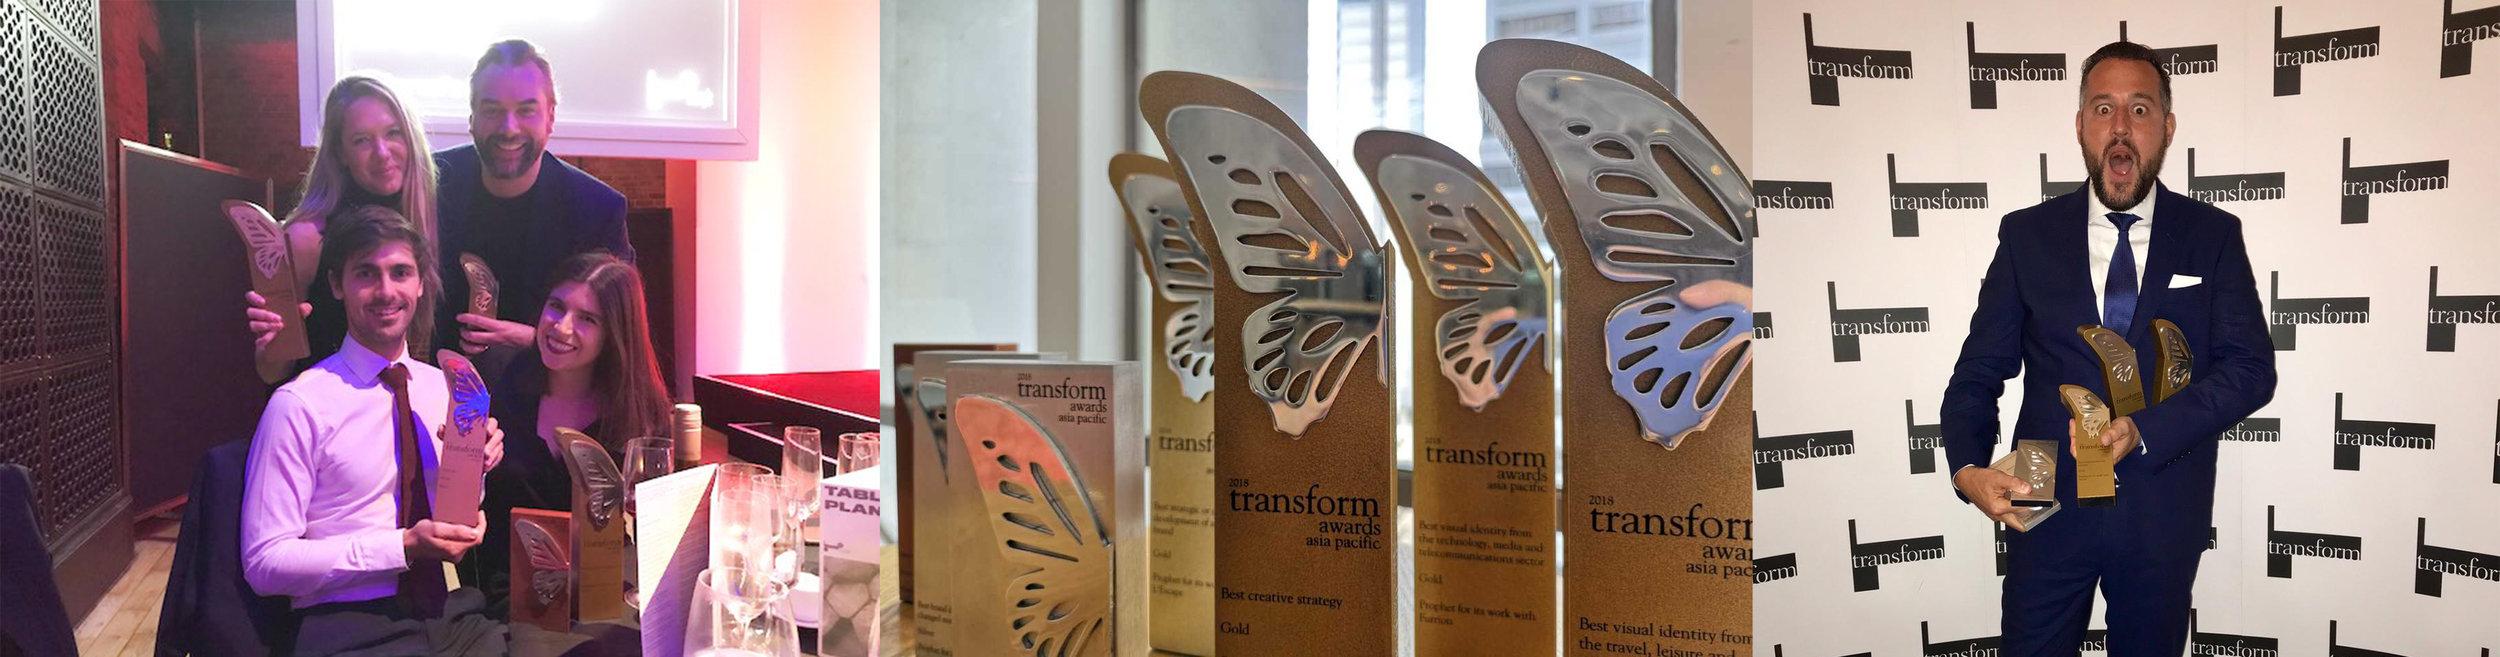 Transform Awards 2.jpg